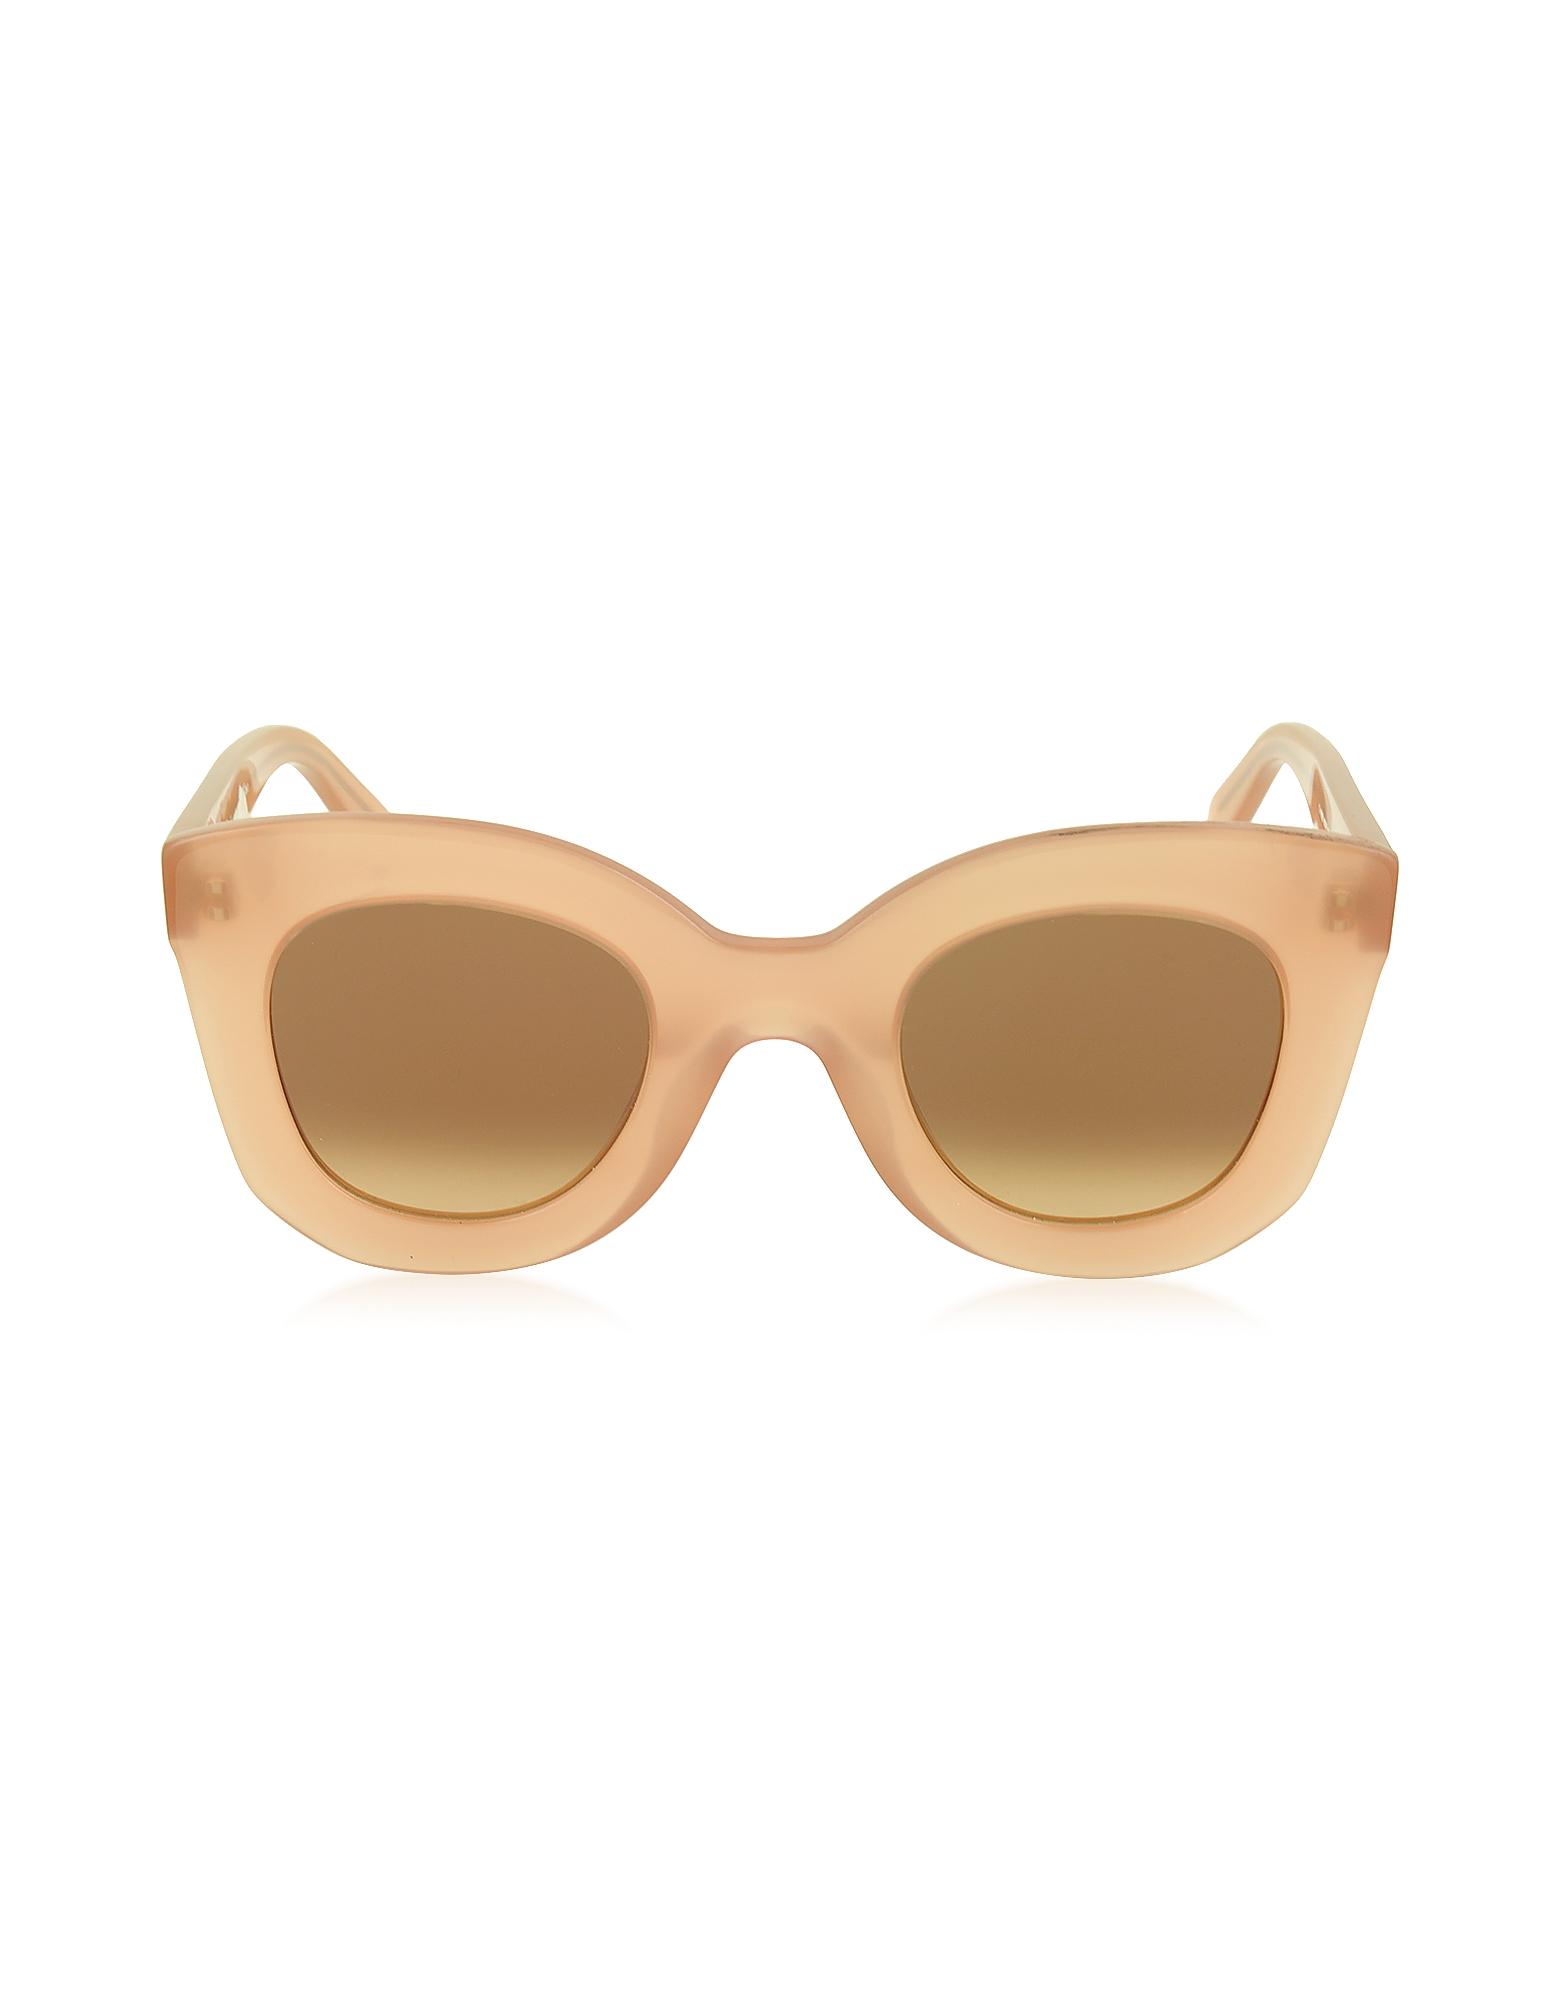 MARTA CL 41093/S - Женские Солнечные Очки в Оправе Кошачий Глаз и Ацетата